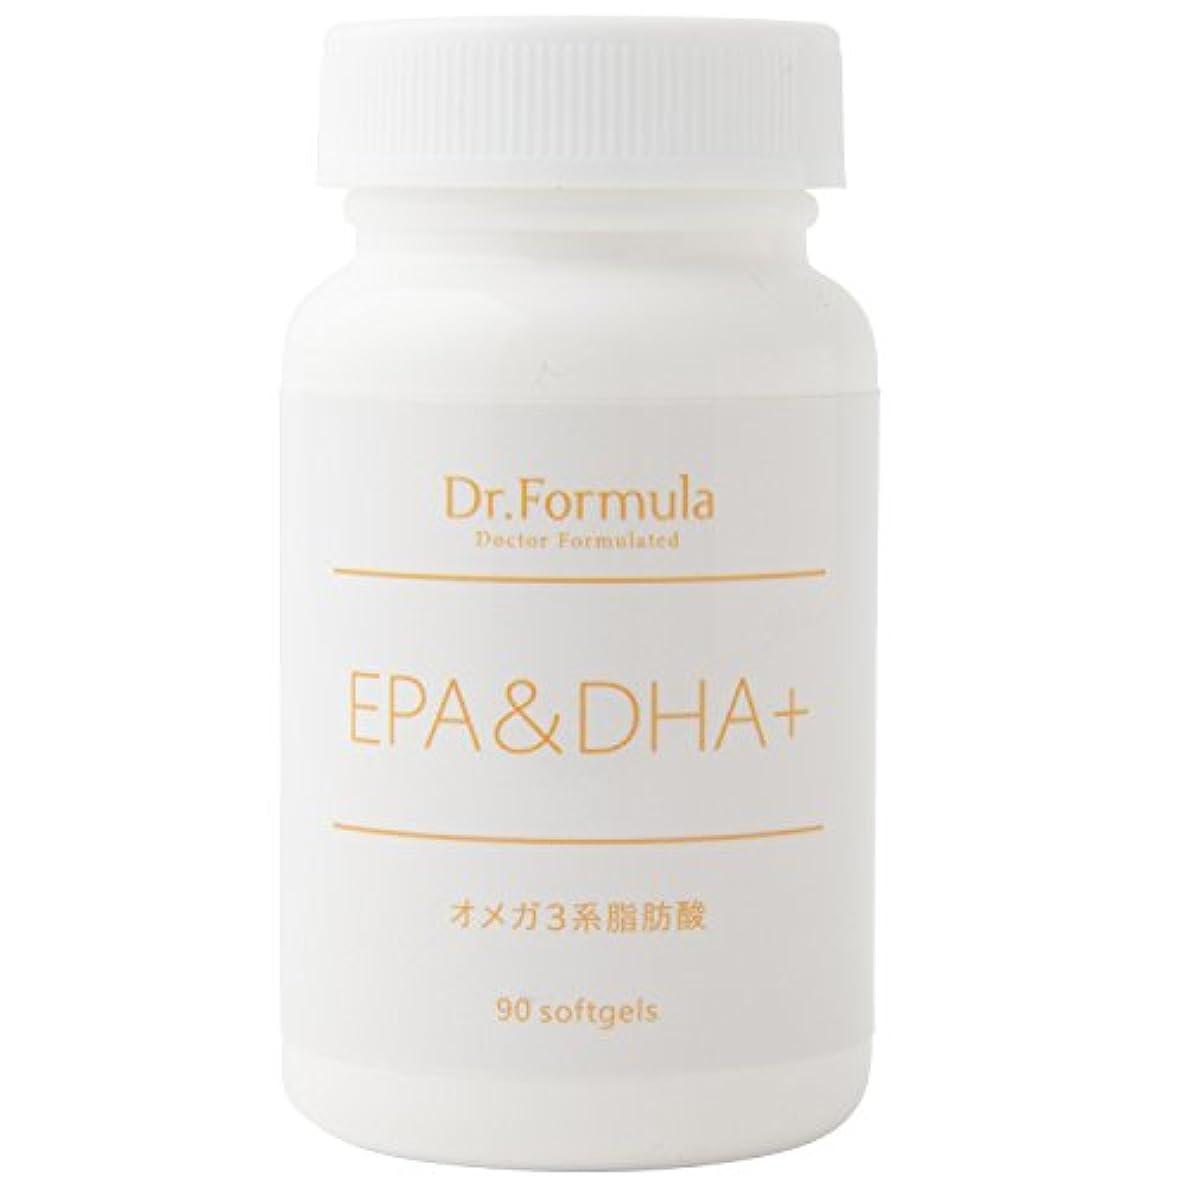 ペアチラチラする会計Dr.Formula EPA&DHA+(オメガ 3系脂肪酸) 30日分 90粒 日本製 OMEGA3